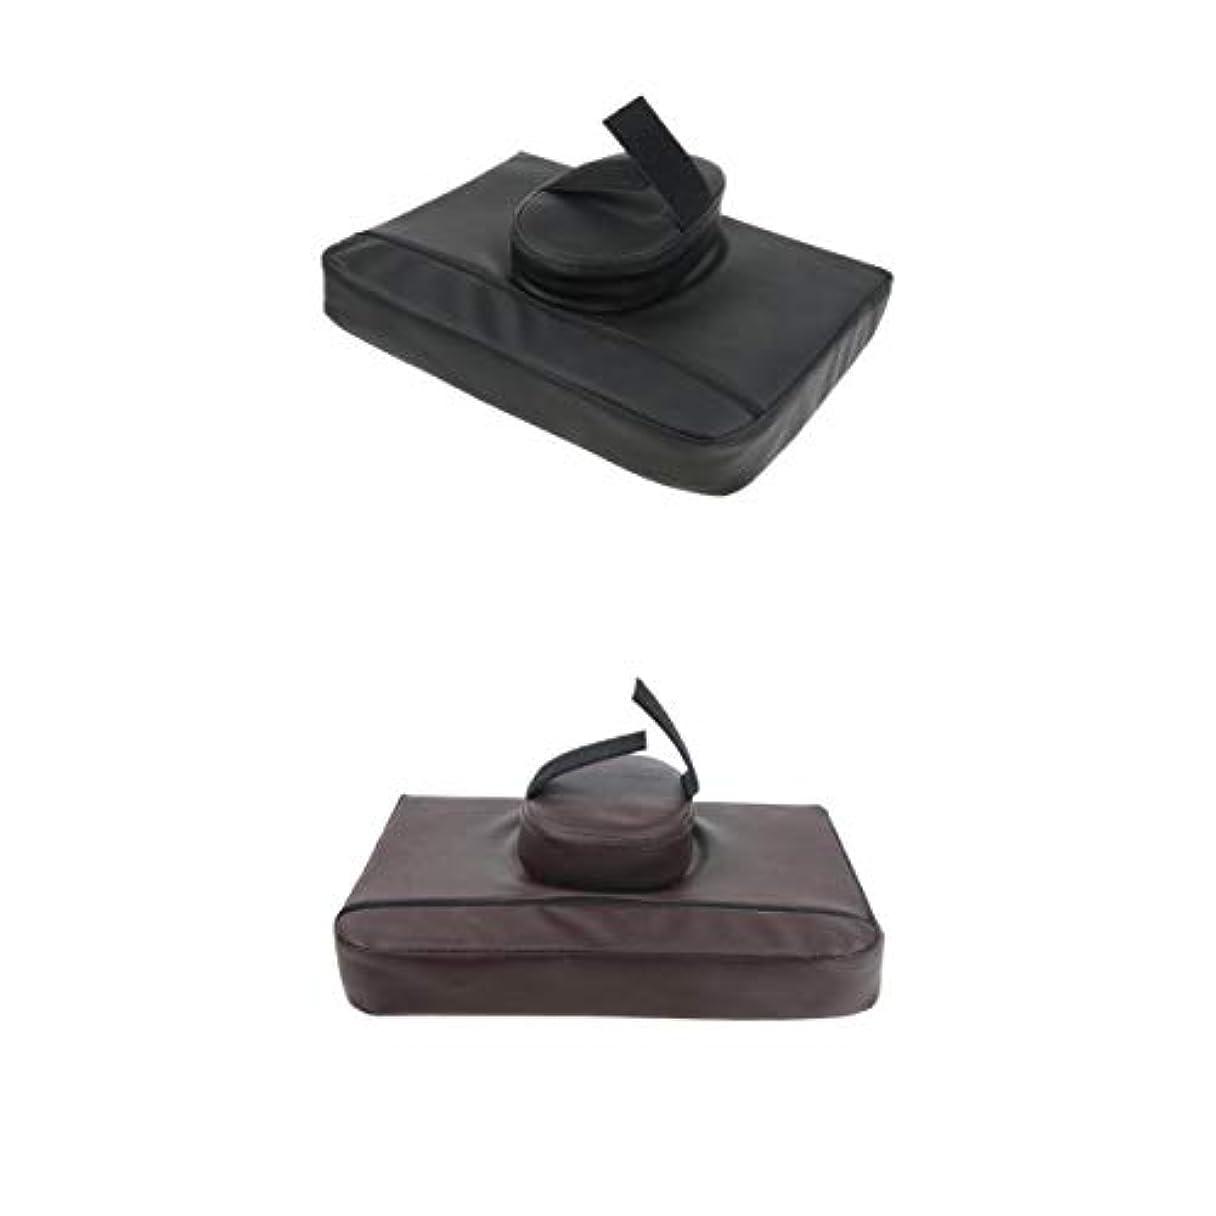 冊子ゲージ率直なマッサージクッション マッサージ枕 マッサージピロー スクエア マッサージテーブル用 通気性 2個入